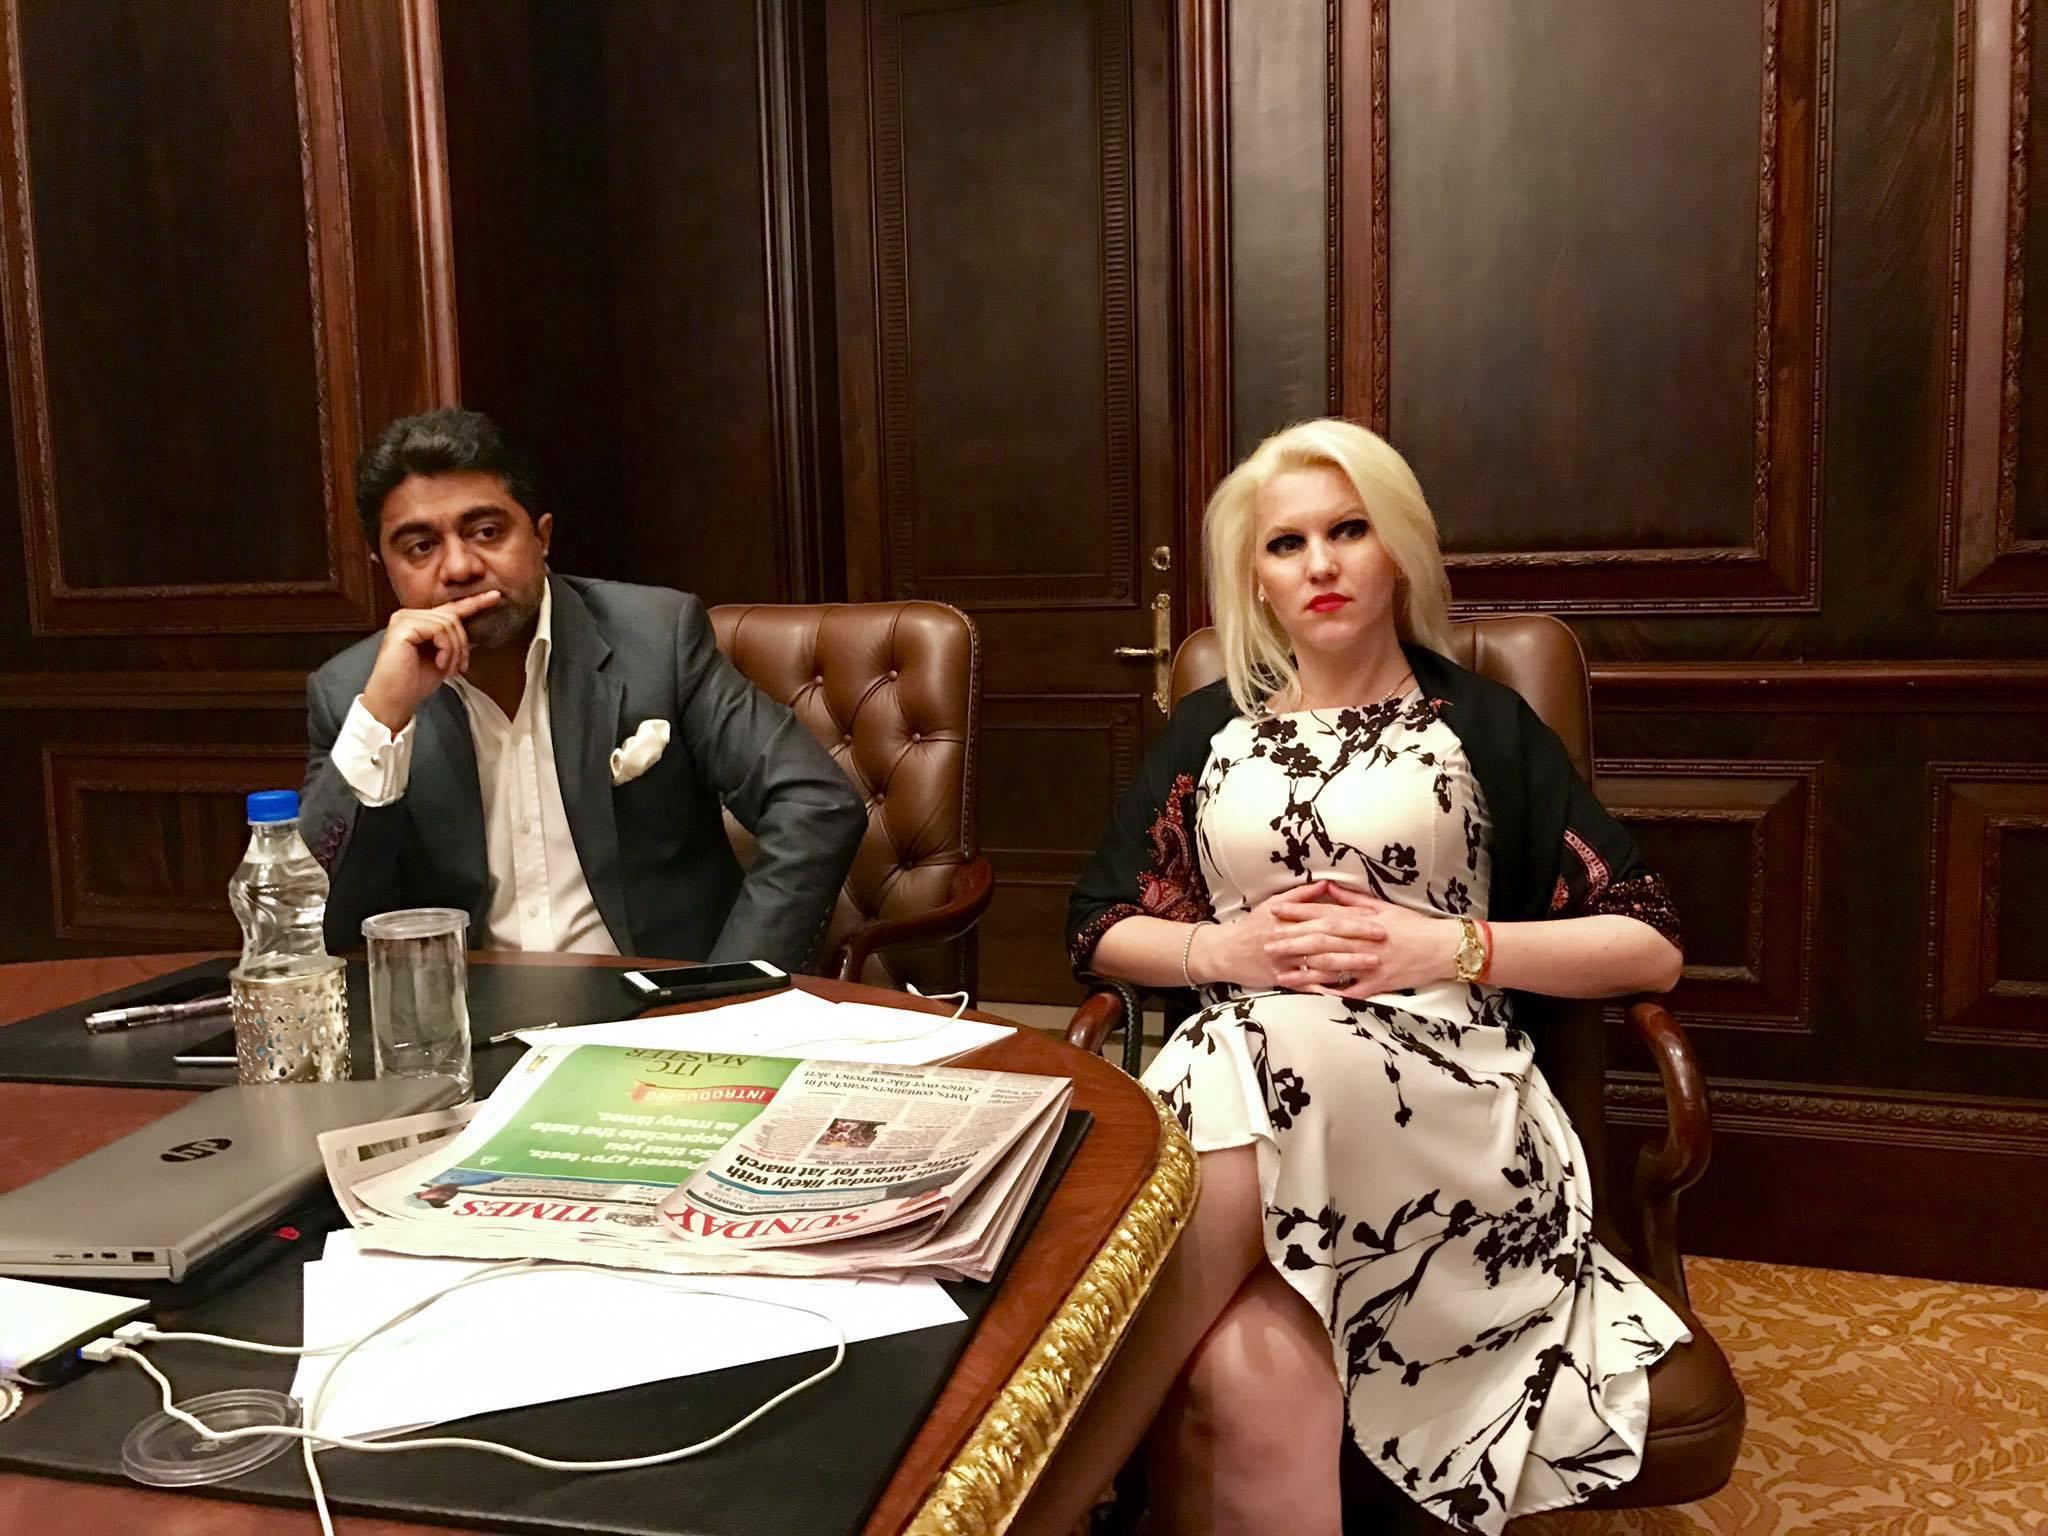 Cei doi au pus bazele unei companii care distribuie în toată lumea filmele de la Bollywood